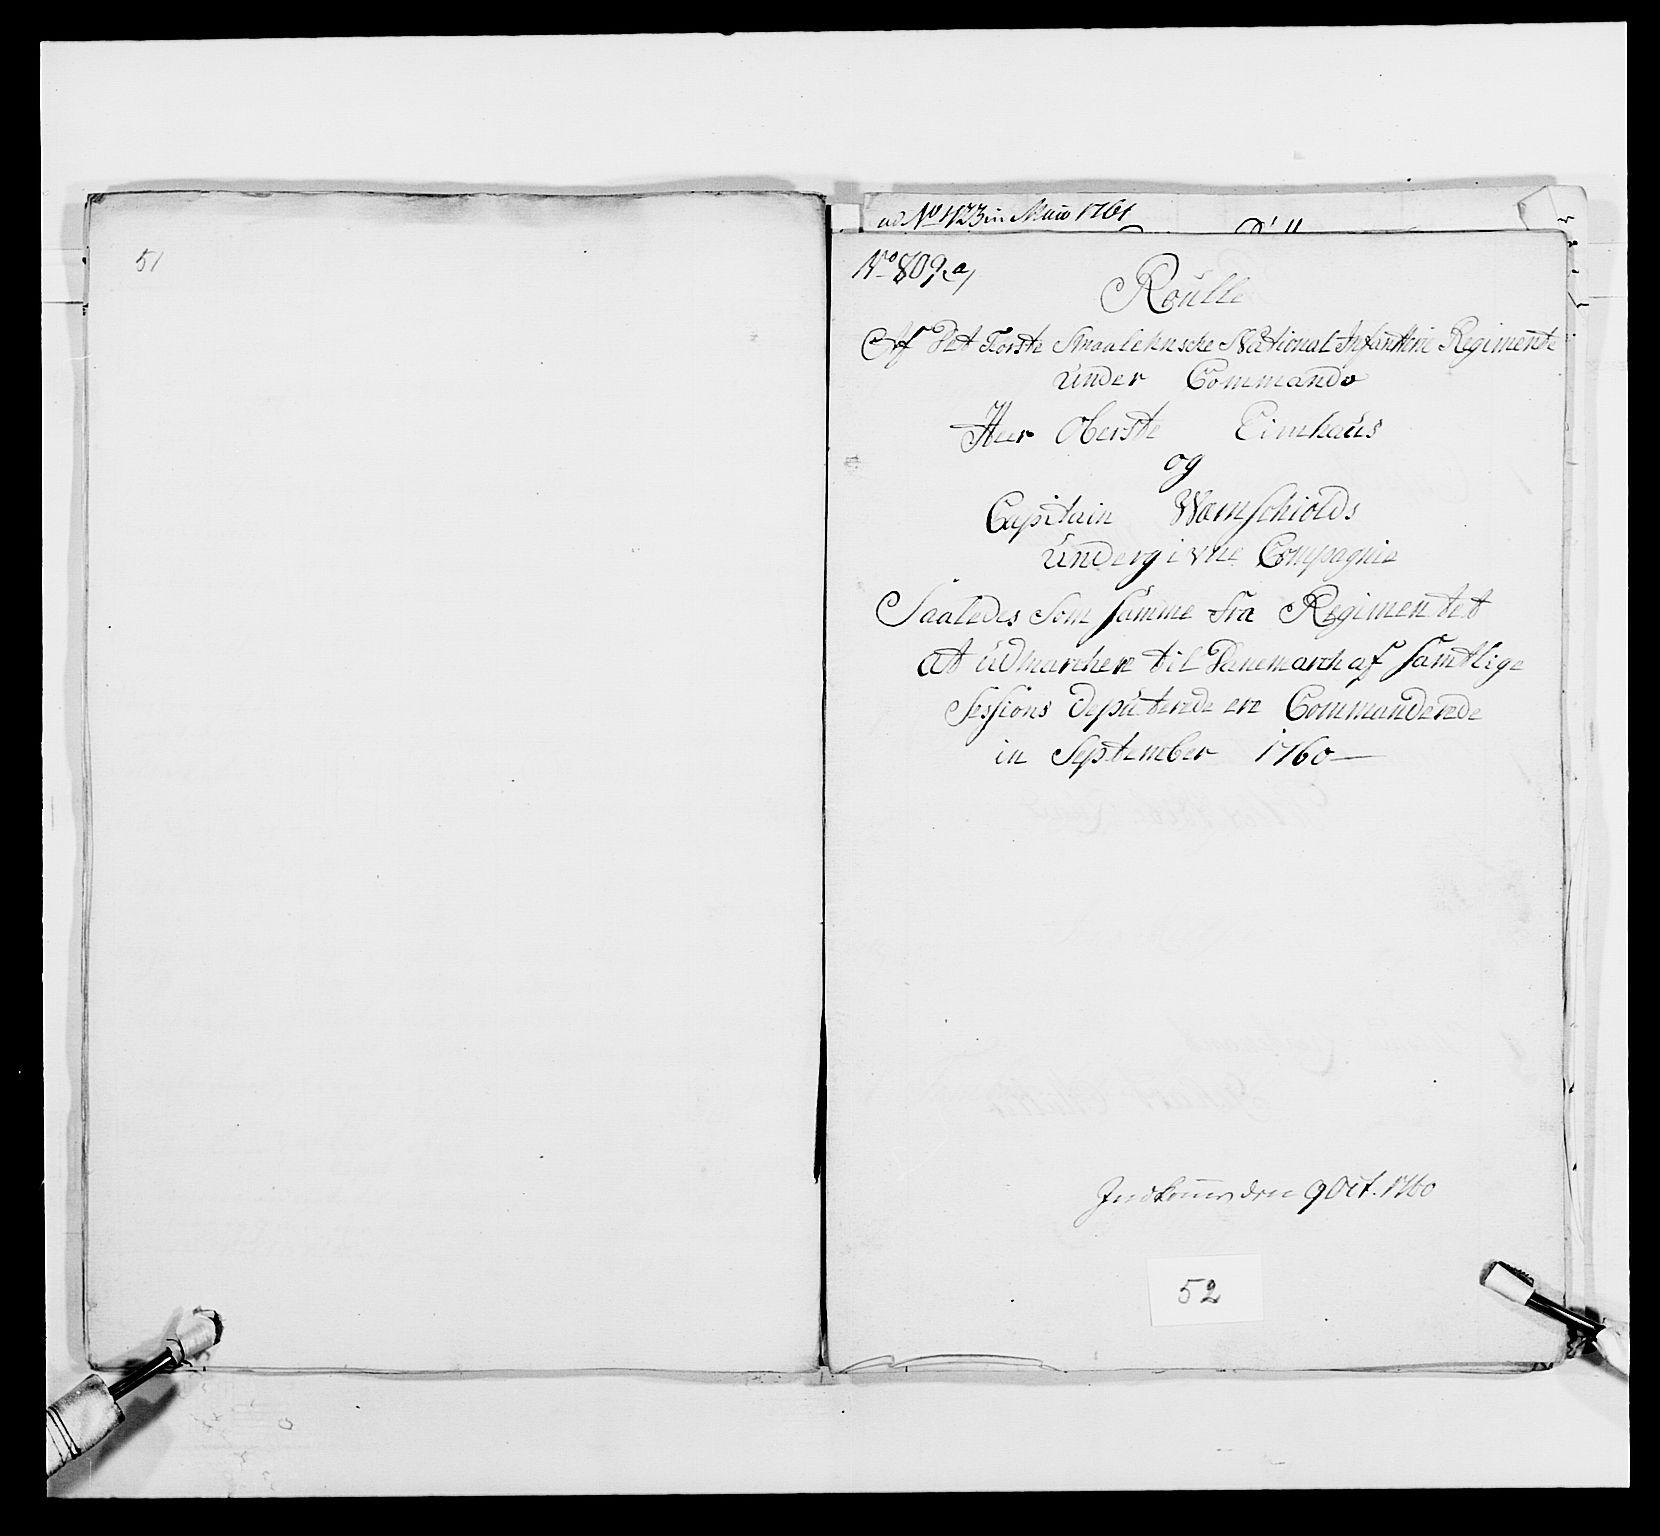 RA, Kommanderende general (KG I) med Det norske krigsdirektorium, E/Ea/L0495: 1. Smålenske regiment, 1732-1763, s. 683